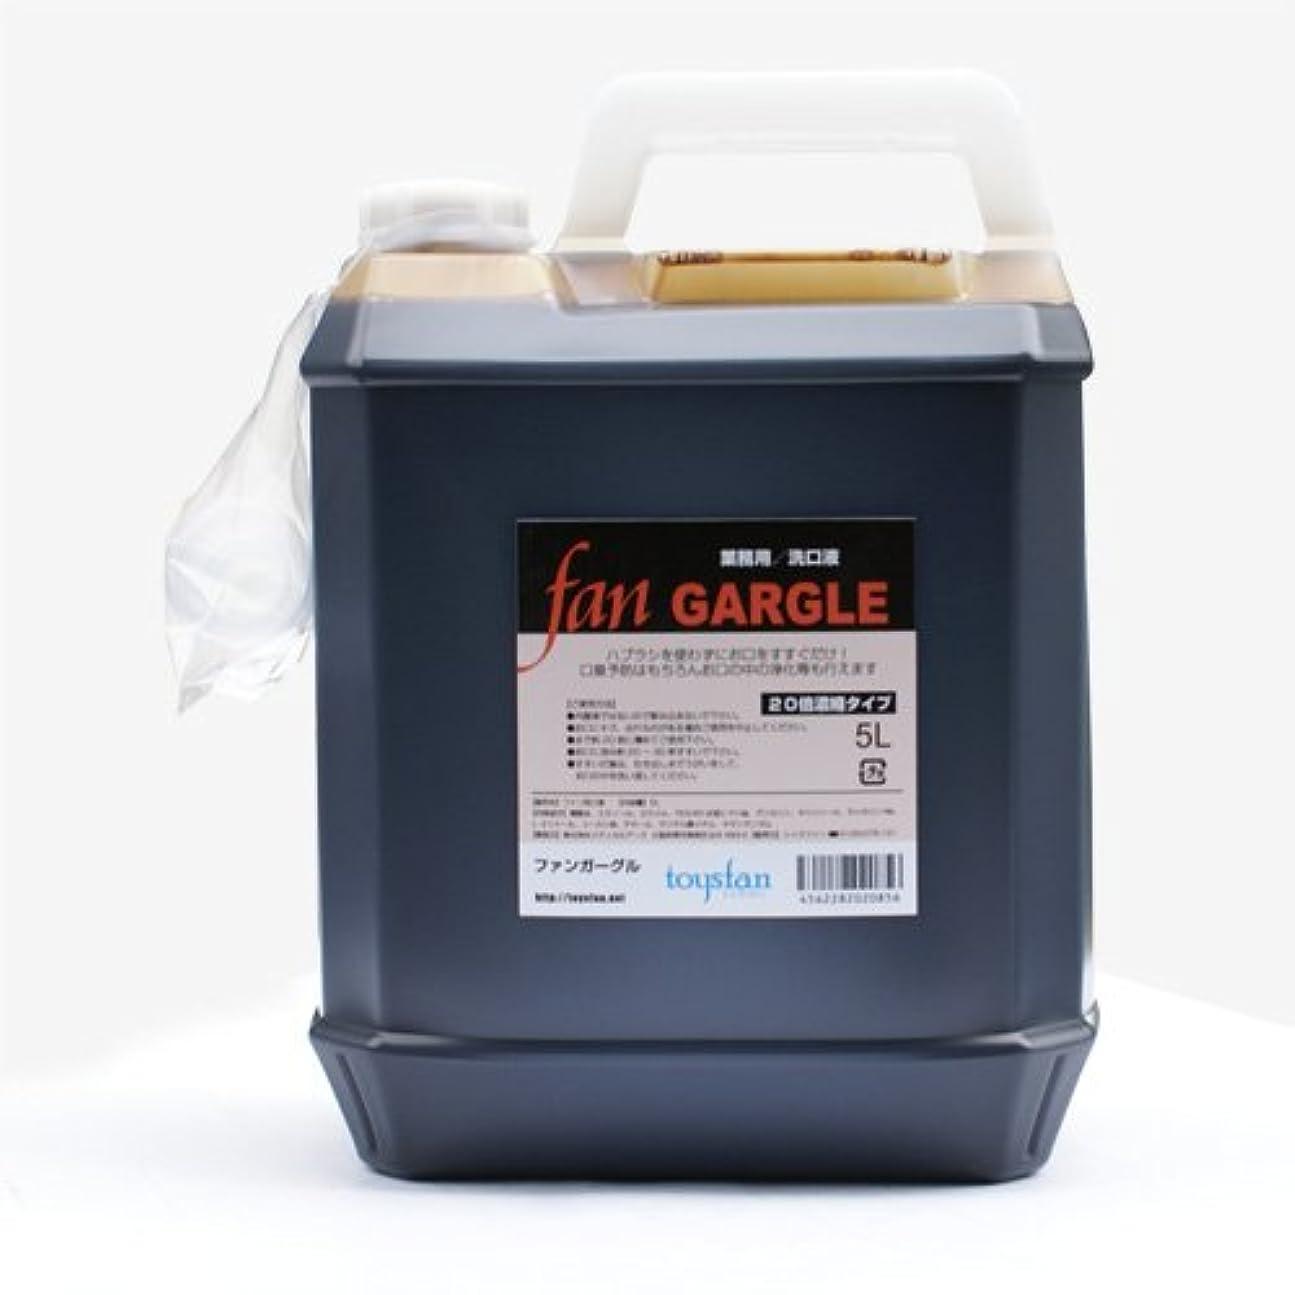 引き受ける水没シンカンファンガーグル 5L(20倍濃縮)業務用洗口液